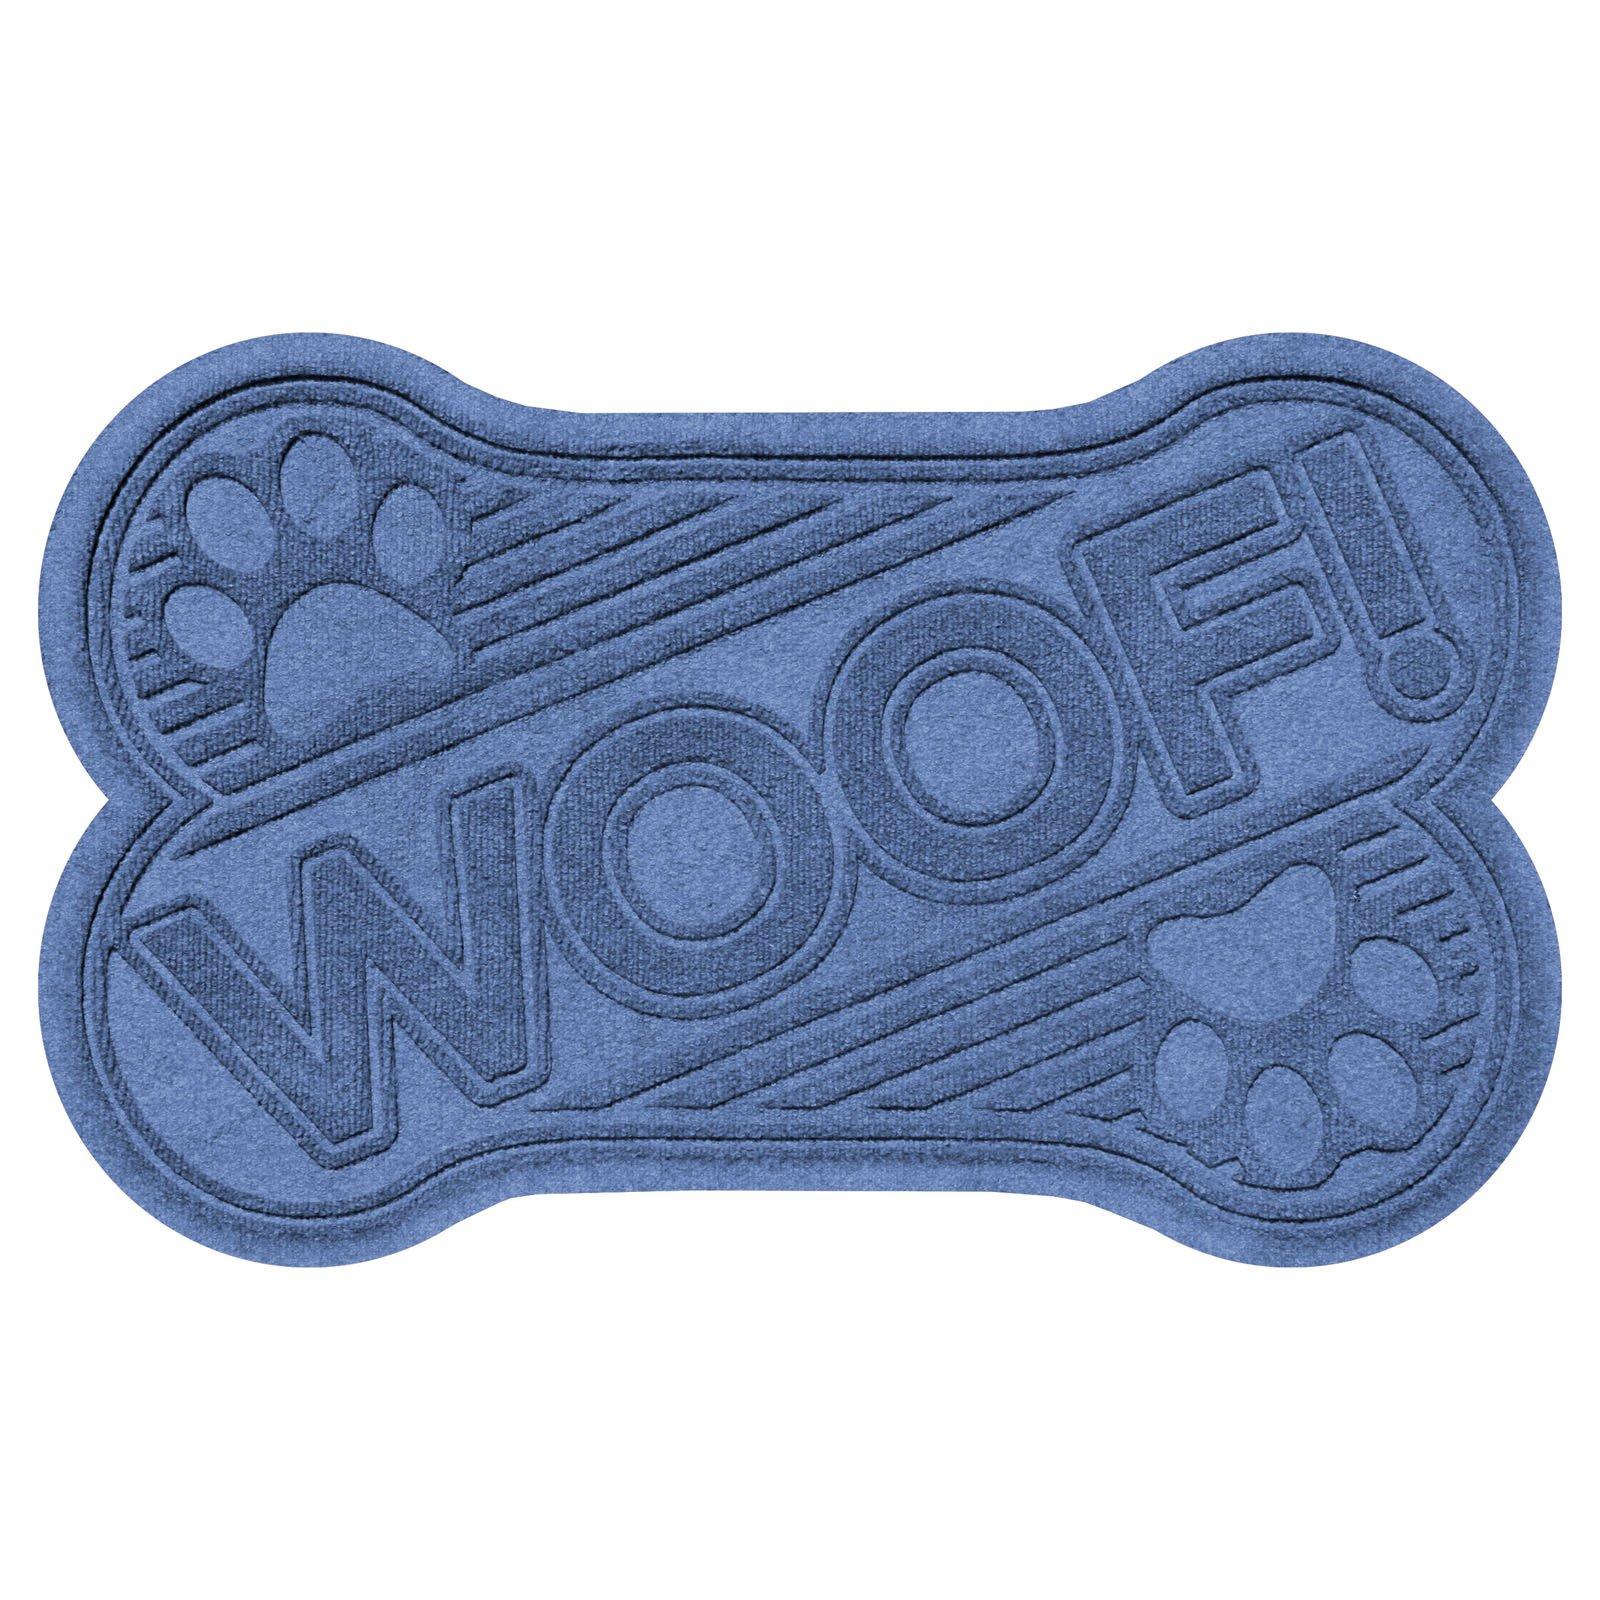 Bungalow Flooring Aqua Shield Dog Bone Woof Mat